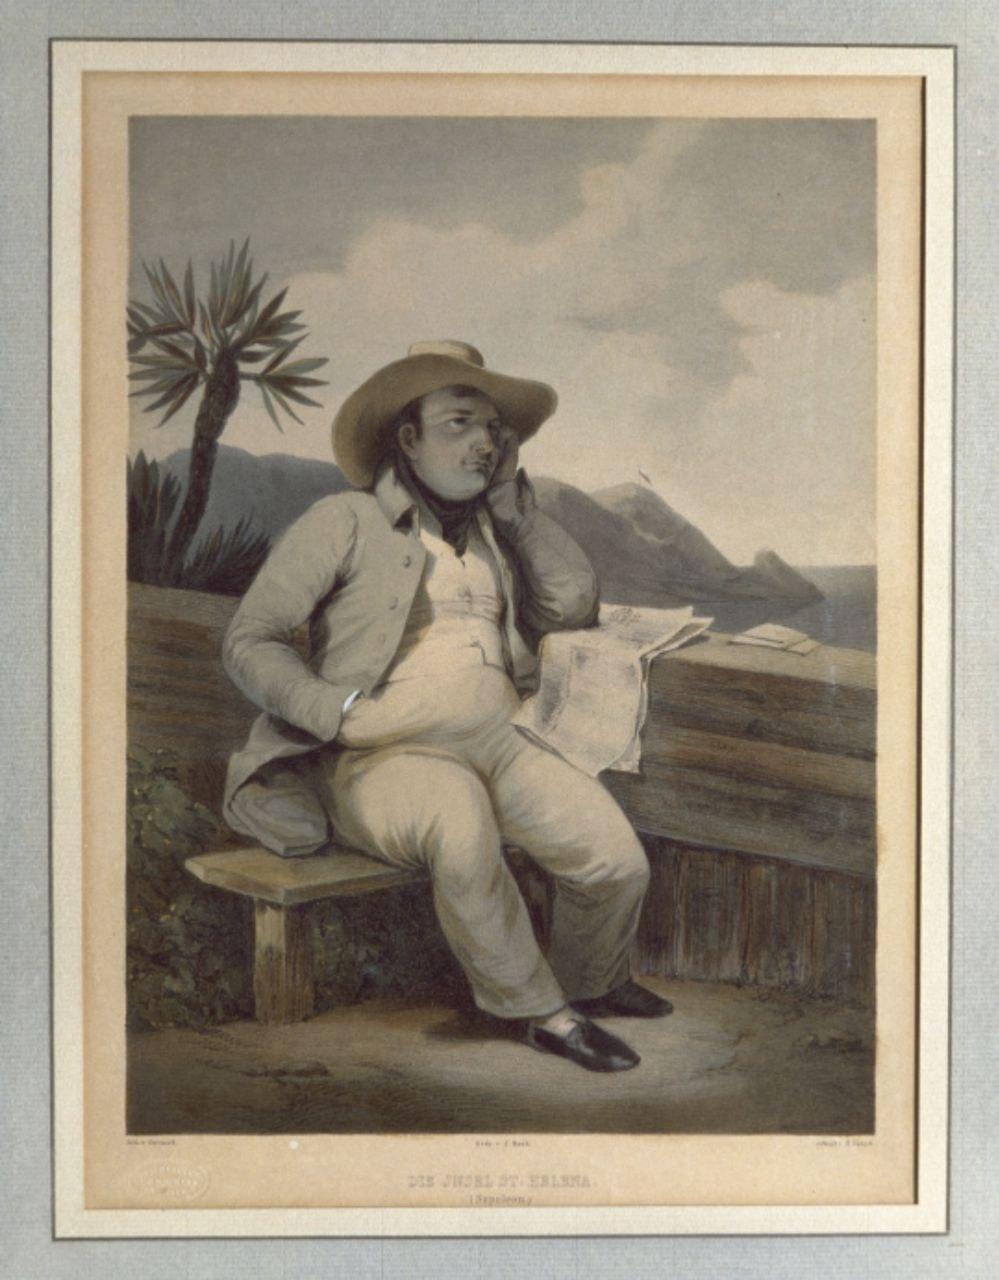 Franz Gerasch, d'après Horace VernetNapoléon Ier en planteur à Sainte-Hélène; Photo (C) RMN-Grand Palais (musée des châte